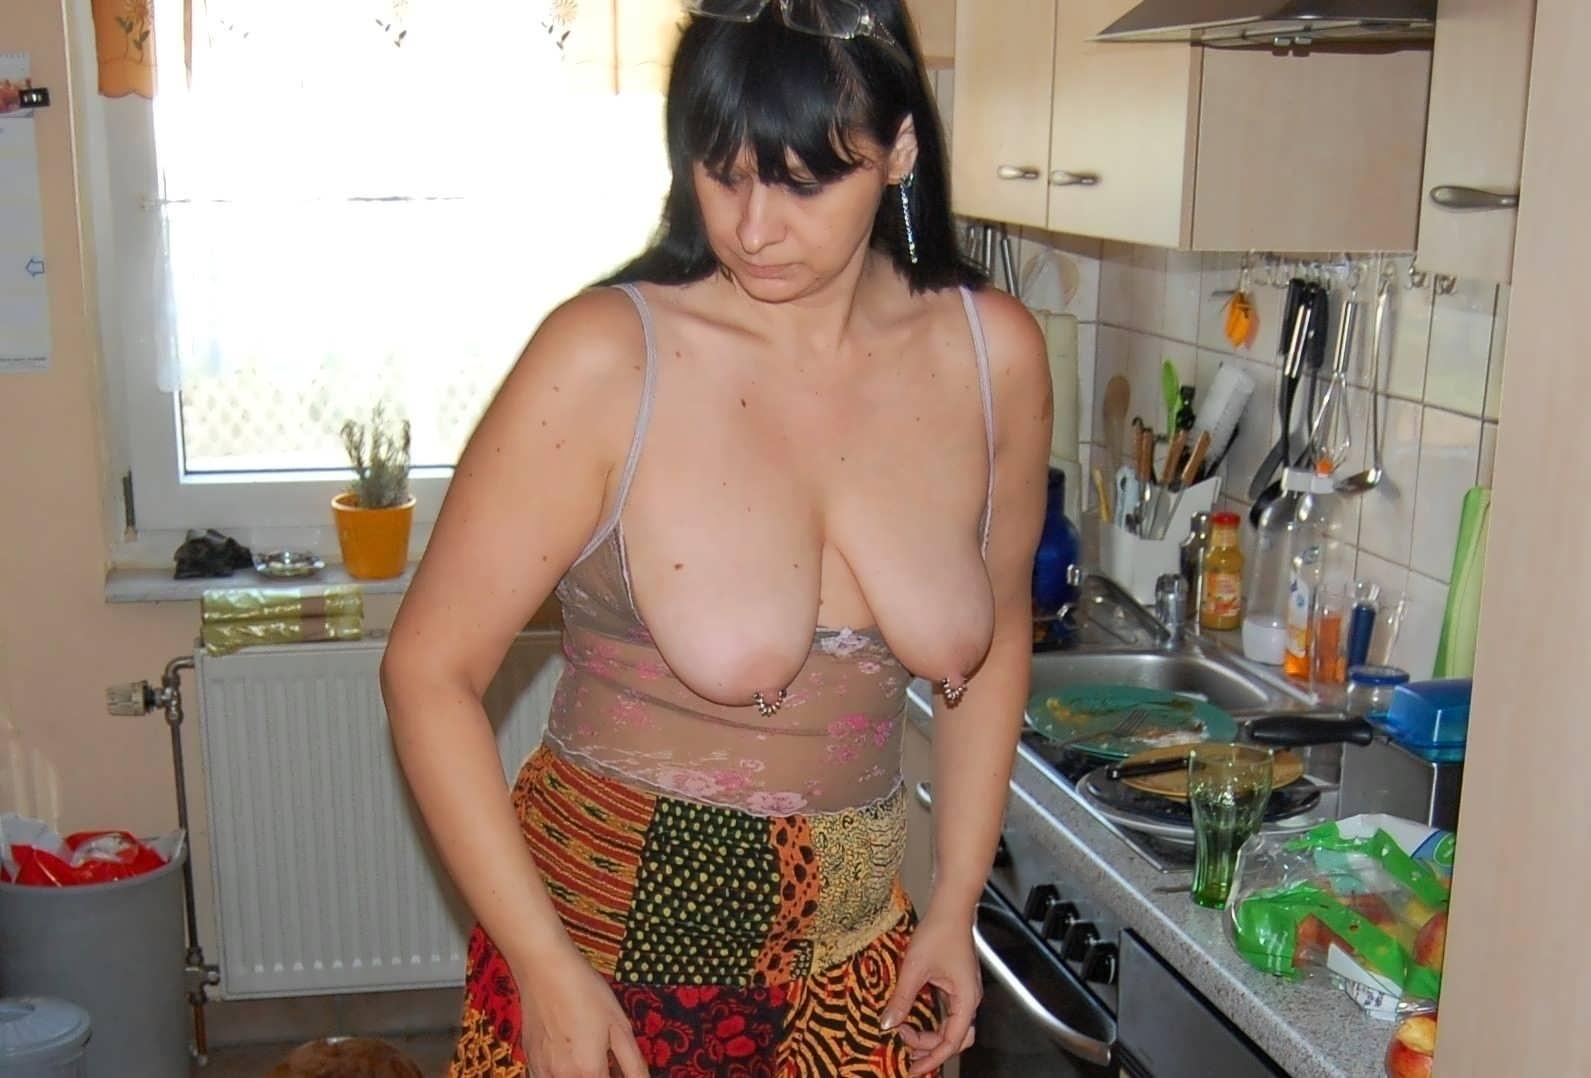 Развратная мамочка фото, Русские мамки 60 порно фото смотрите бесплатно на 6 фотография